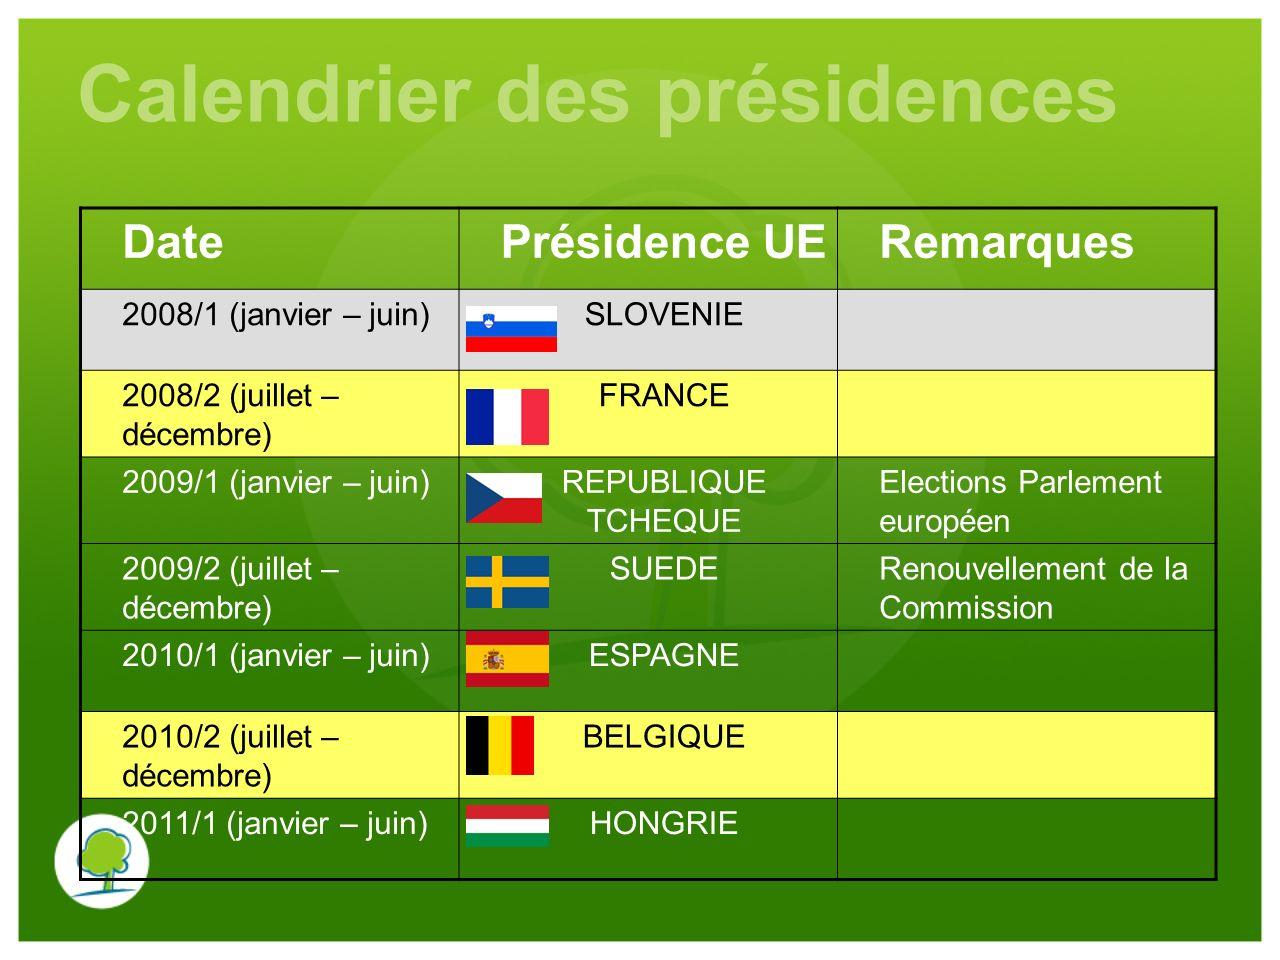 Calendrier des présidences DatePrésidence UERemarques 2008/1 (janvier – juin)SLOVENIE 2008/2 (juillet – décembre) FRANCE 2009/1 (janvier – juin)REPUBLIQUE TCHEQUE Elections Parlement européen 2009/2 (juillet – décembre) SUEDERenouvellement de la Commission 2010/1 (janvier – juin)ESPAGNE 2010/2 (juillet – décembre) BELGIQUE 2011/1 (janvier – juin)HONGRIE